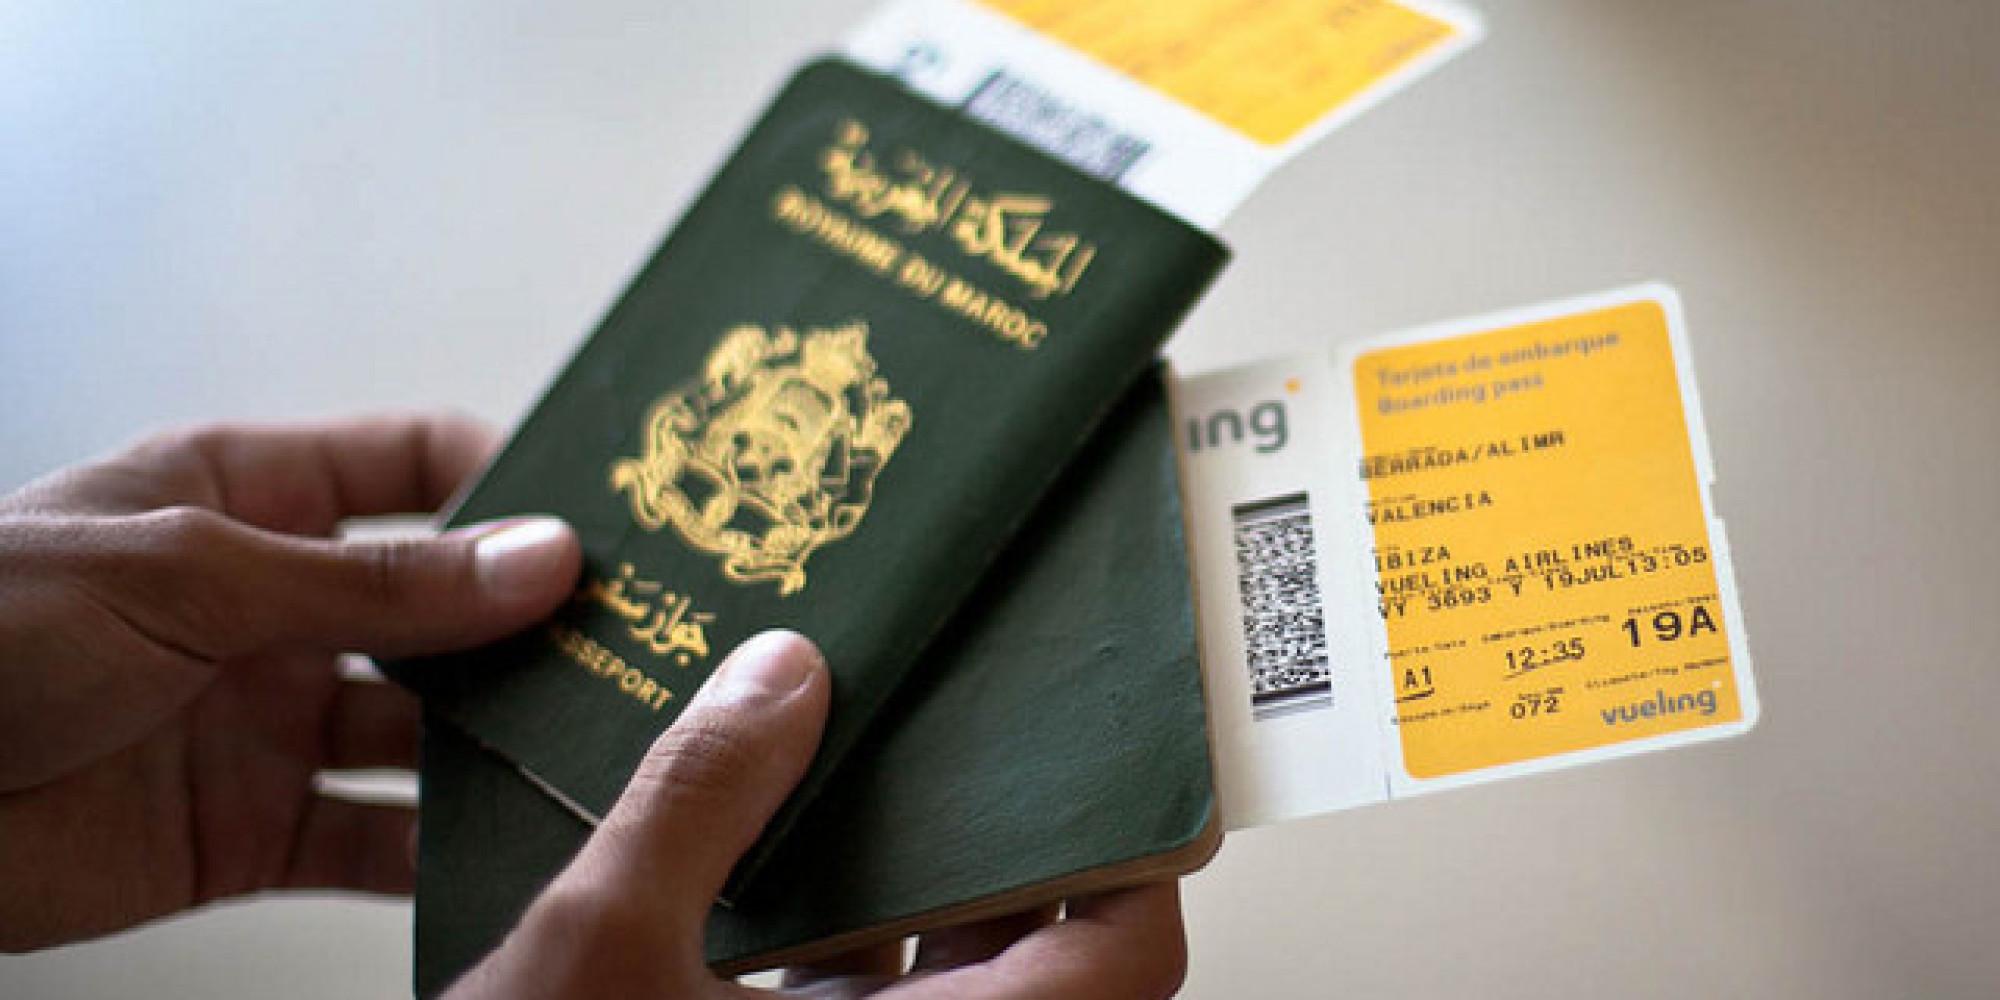 Le passeport marocain est-il favorable pour voyager ?